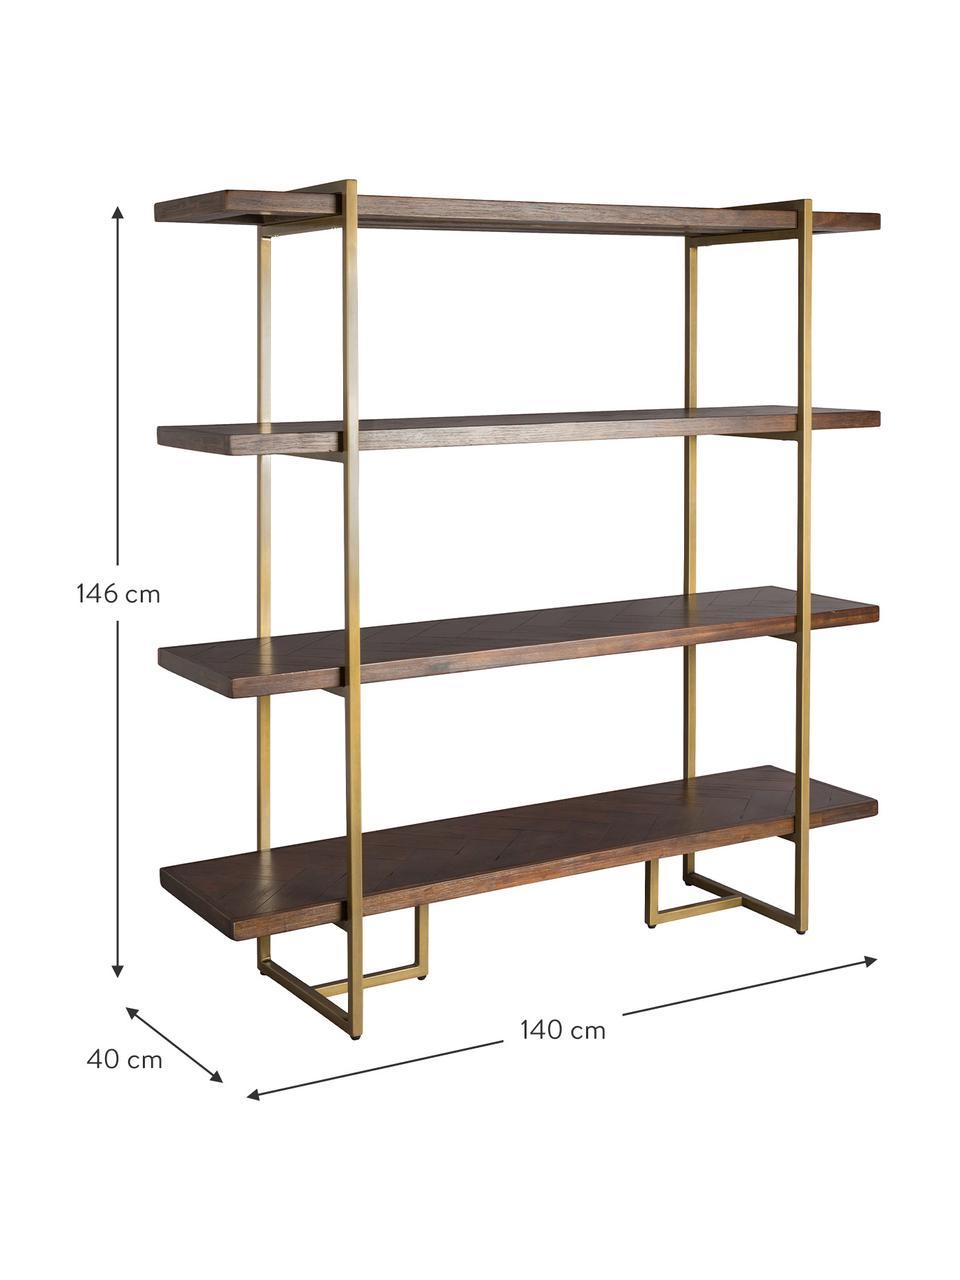 Regał w jodełkę Class, Stelaż: rura stalowa, lakierowana, Półki: drewno akacjowe Stelaż: mosiądz postarzany, S 140 x W 146 cm